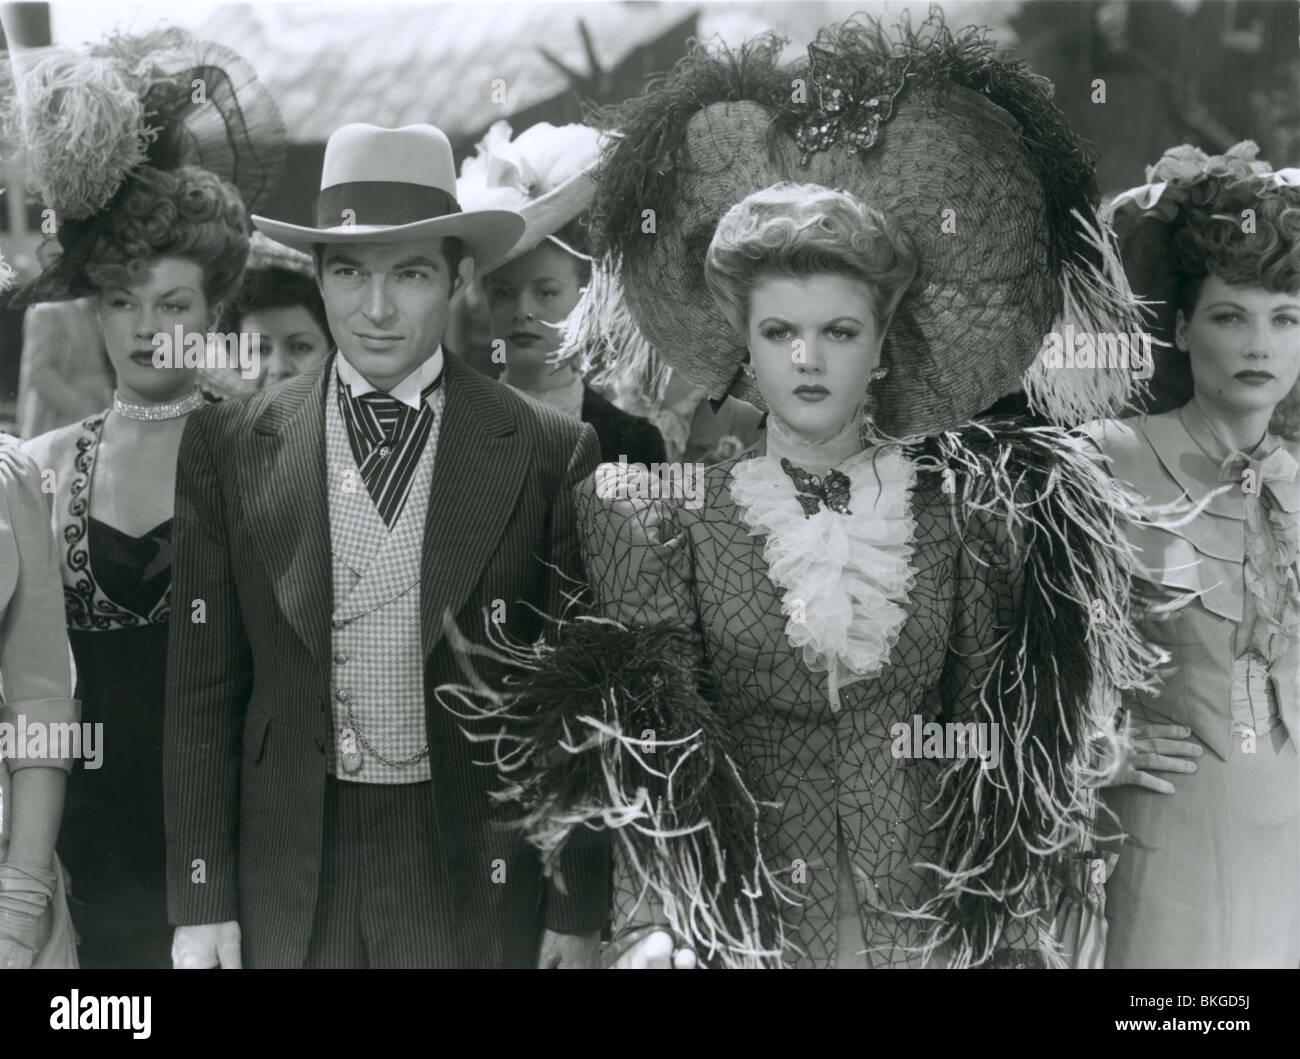 THE HARVEY GIRLS (1946) HORACE MCNALLY, ANGELA LANSBURY HRVG 005P L - Stock Image